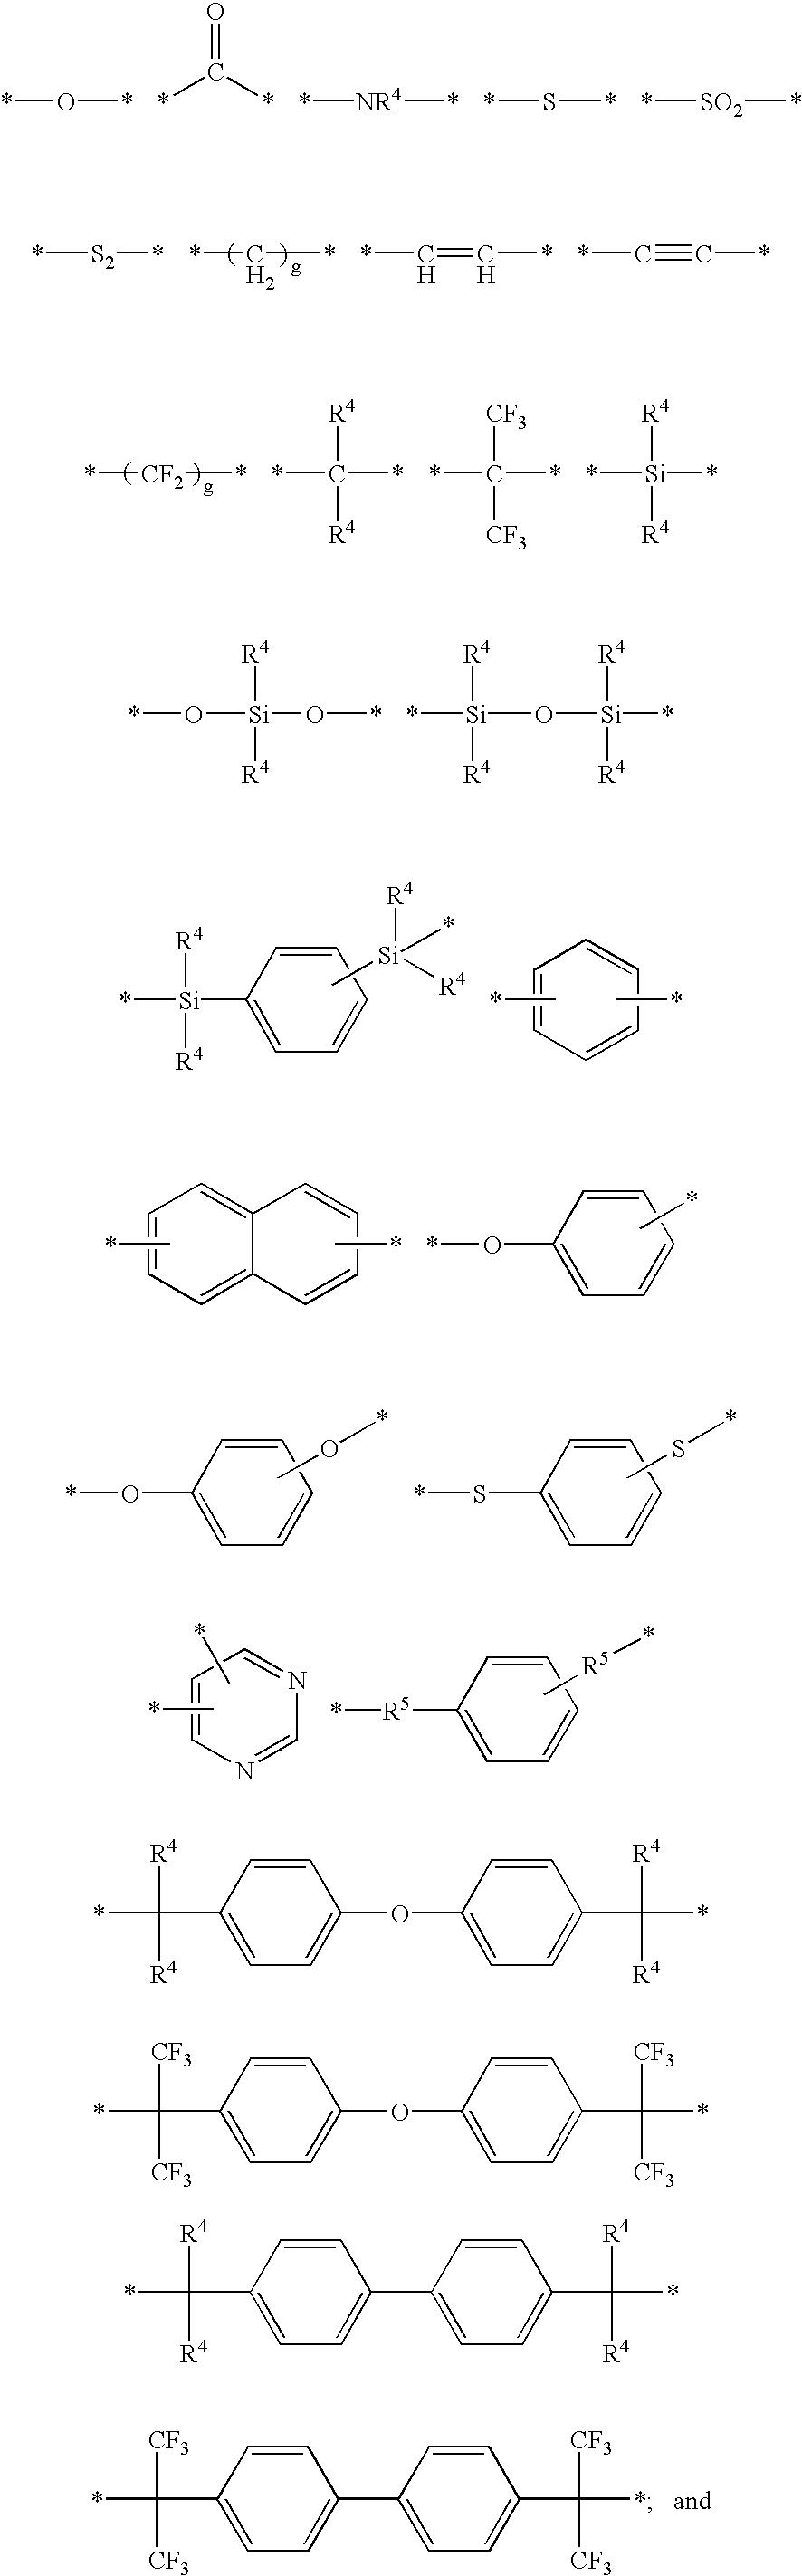 Figure US20030050431A1-20030313-C00022